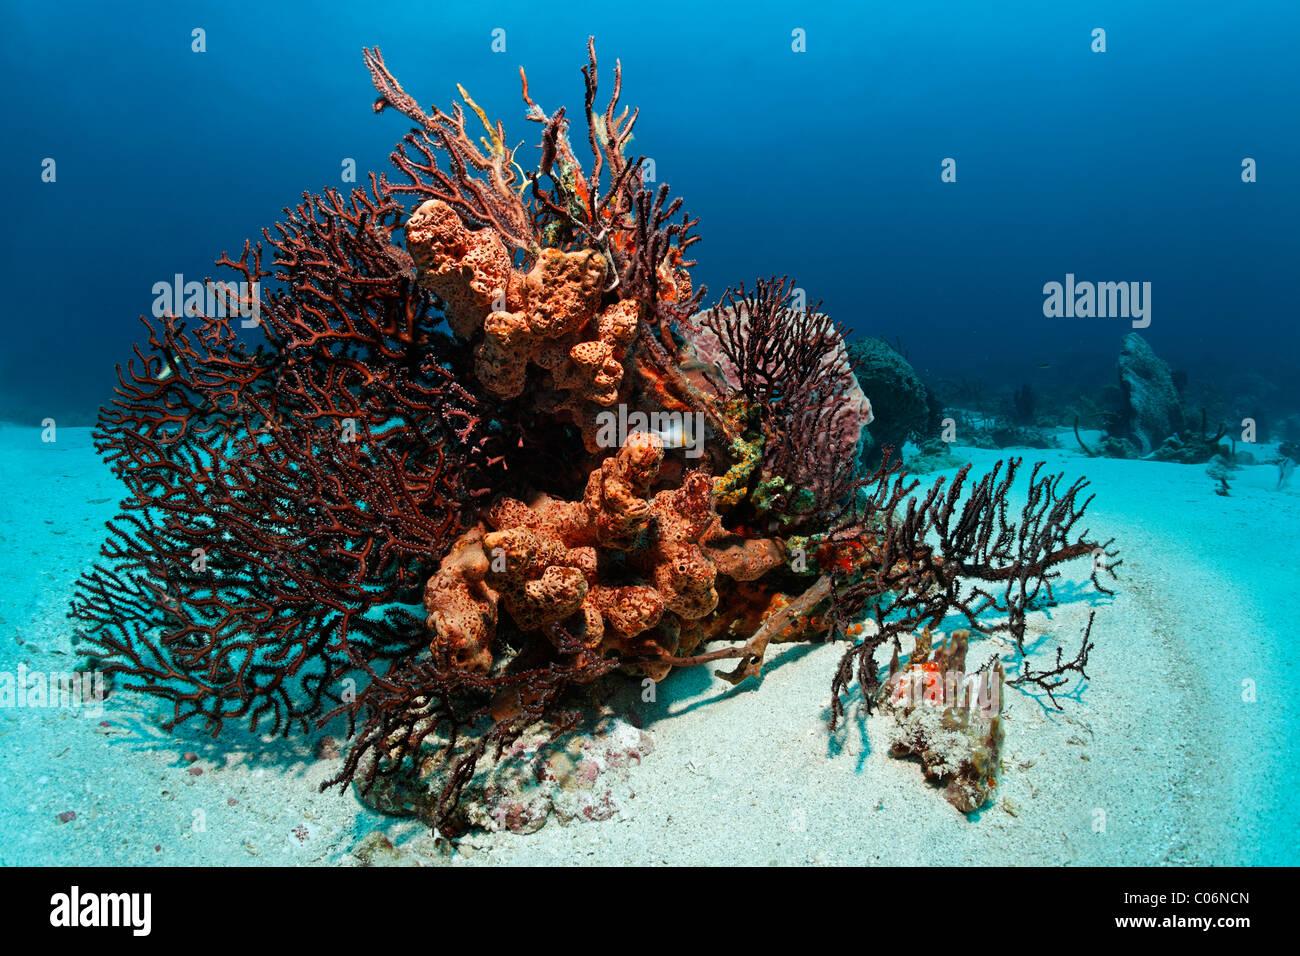 Bloque de coral, arrecifes de coral, cubierto, multicolor, ordena, esponjas, corales, arena, tierra poco, Speyside Tobago, Trinidad y Tobago Foto de stock